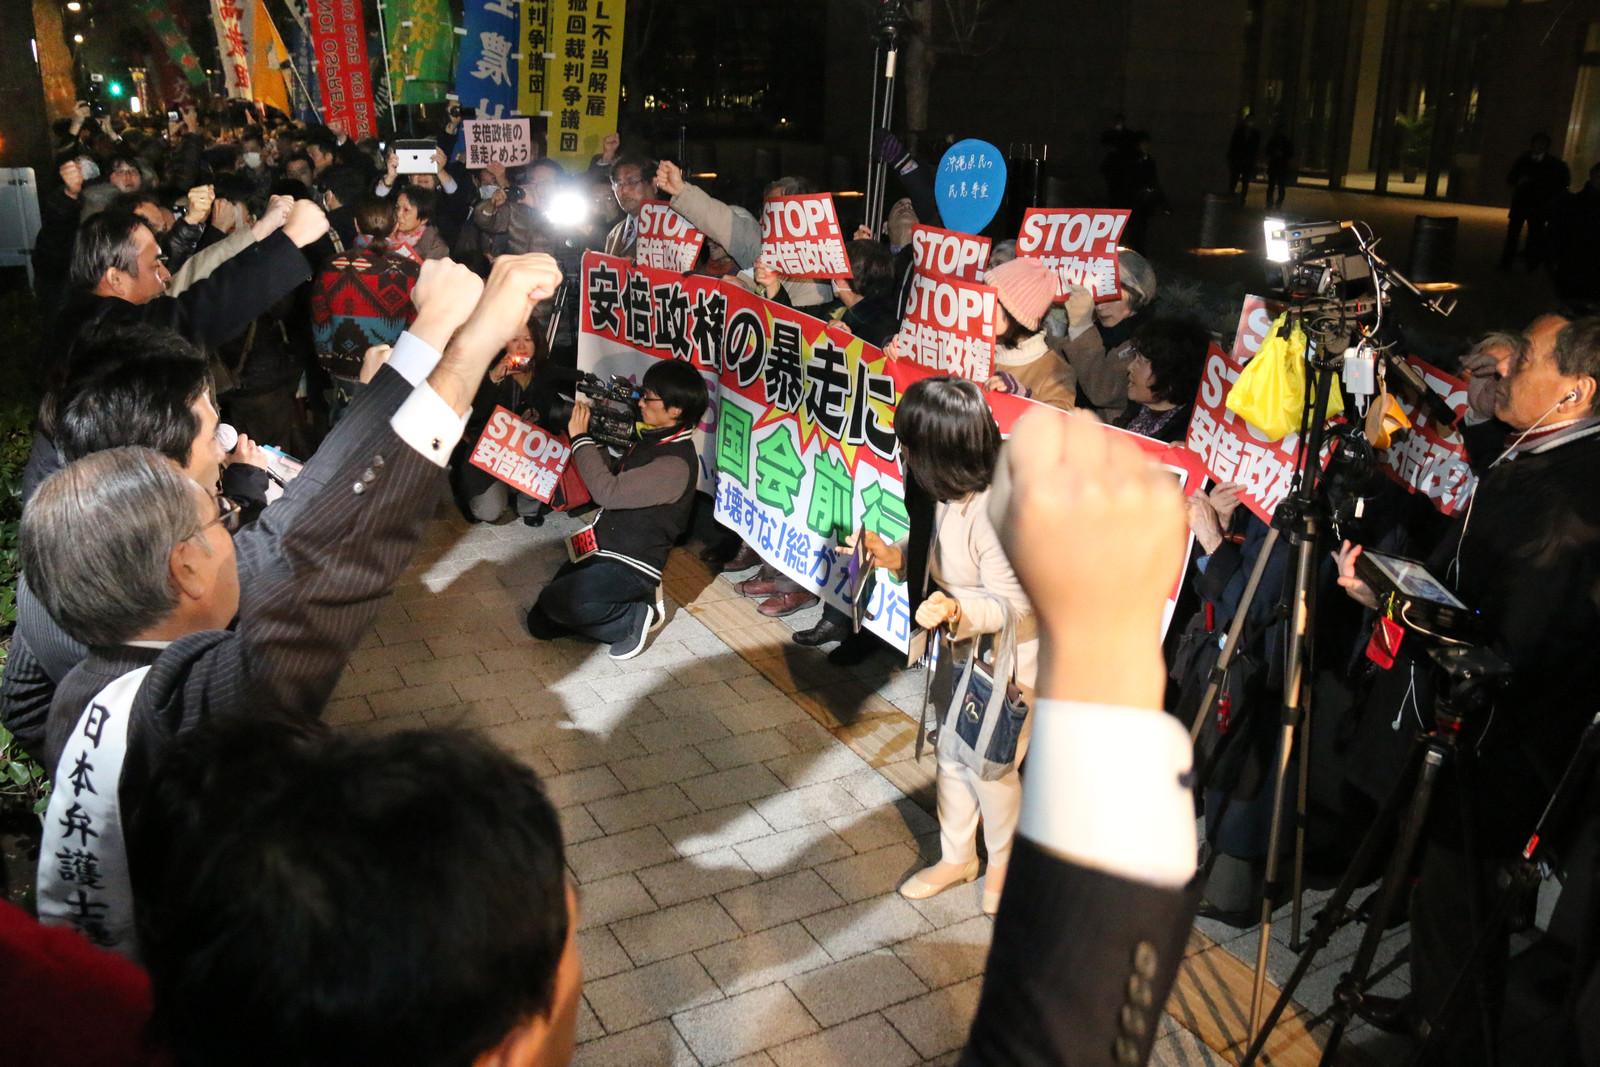 安倍政権の暴走をやめさせようとこぶしを上げ唱和する人たち=26日、国会前